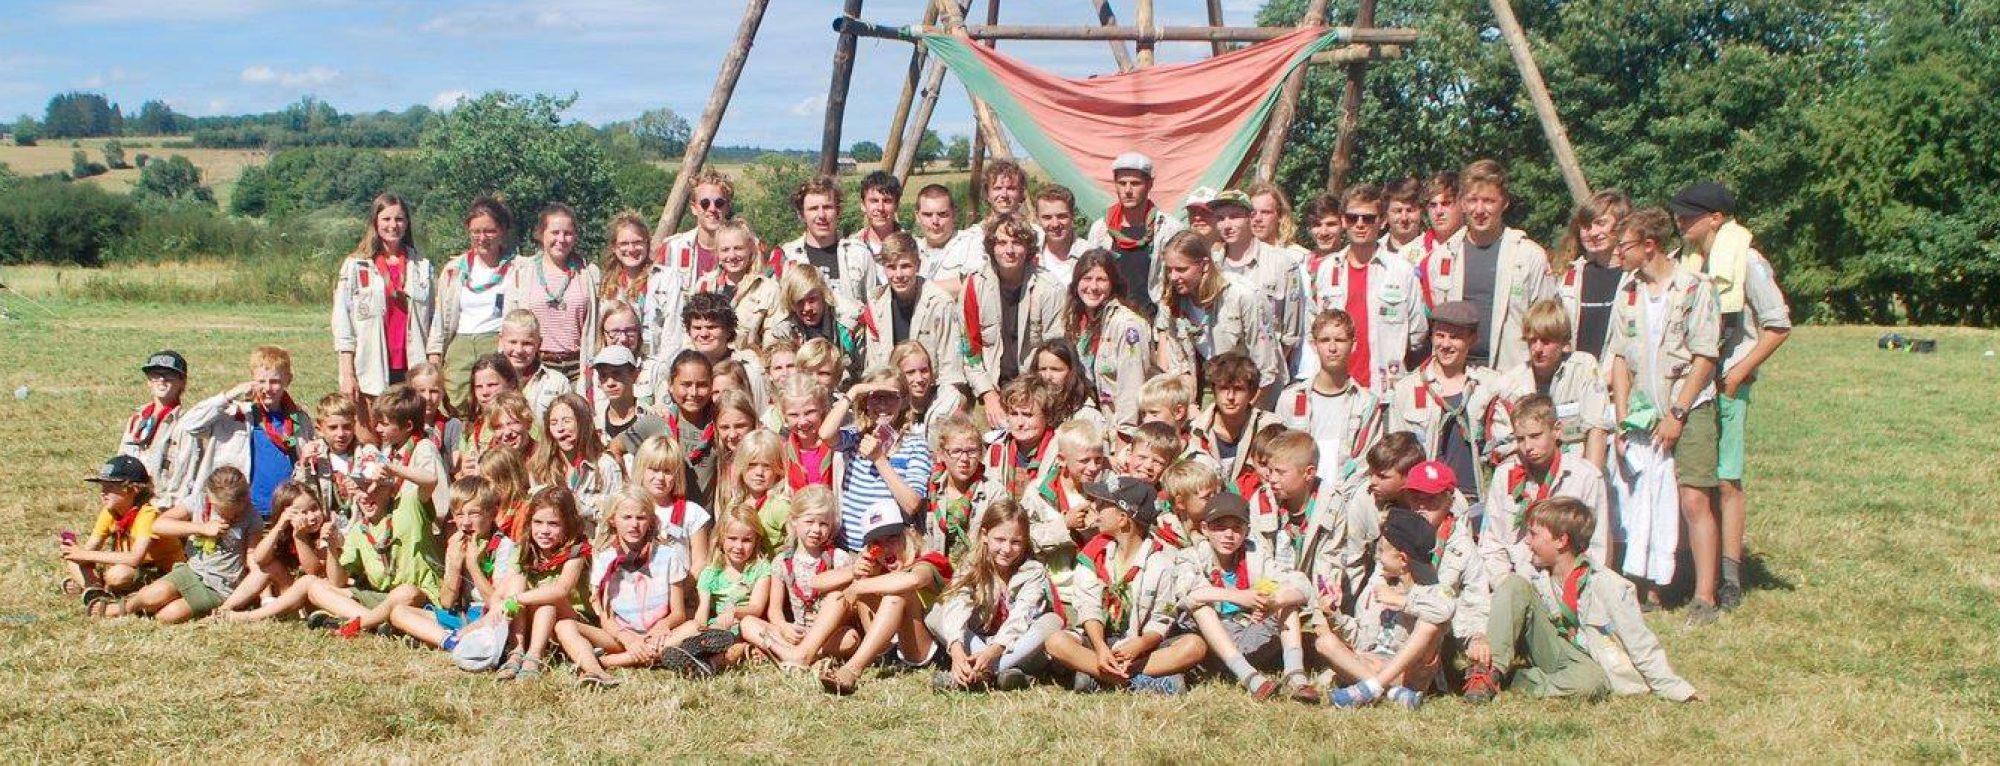 Scouts Baardegem